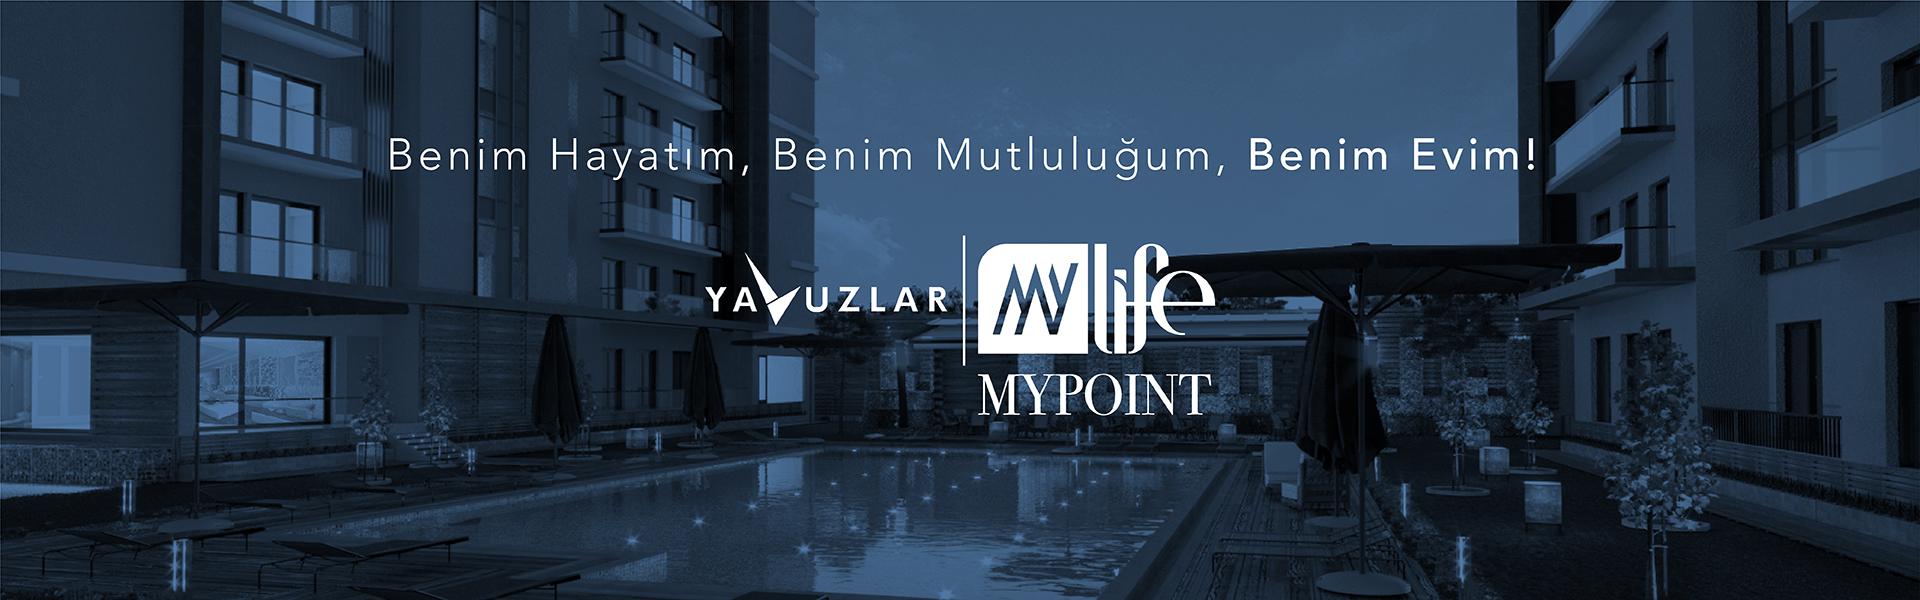 mypoint (2)